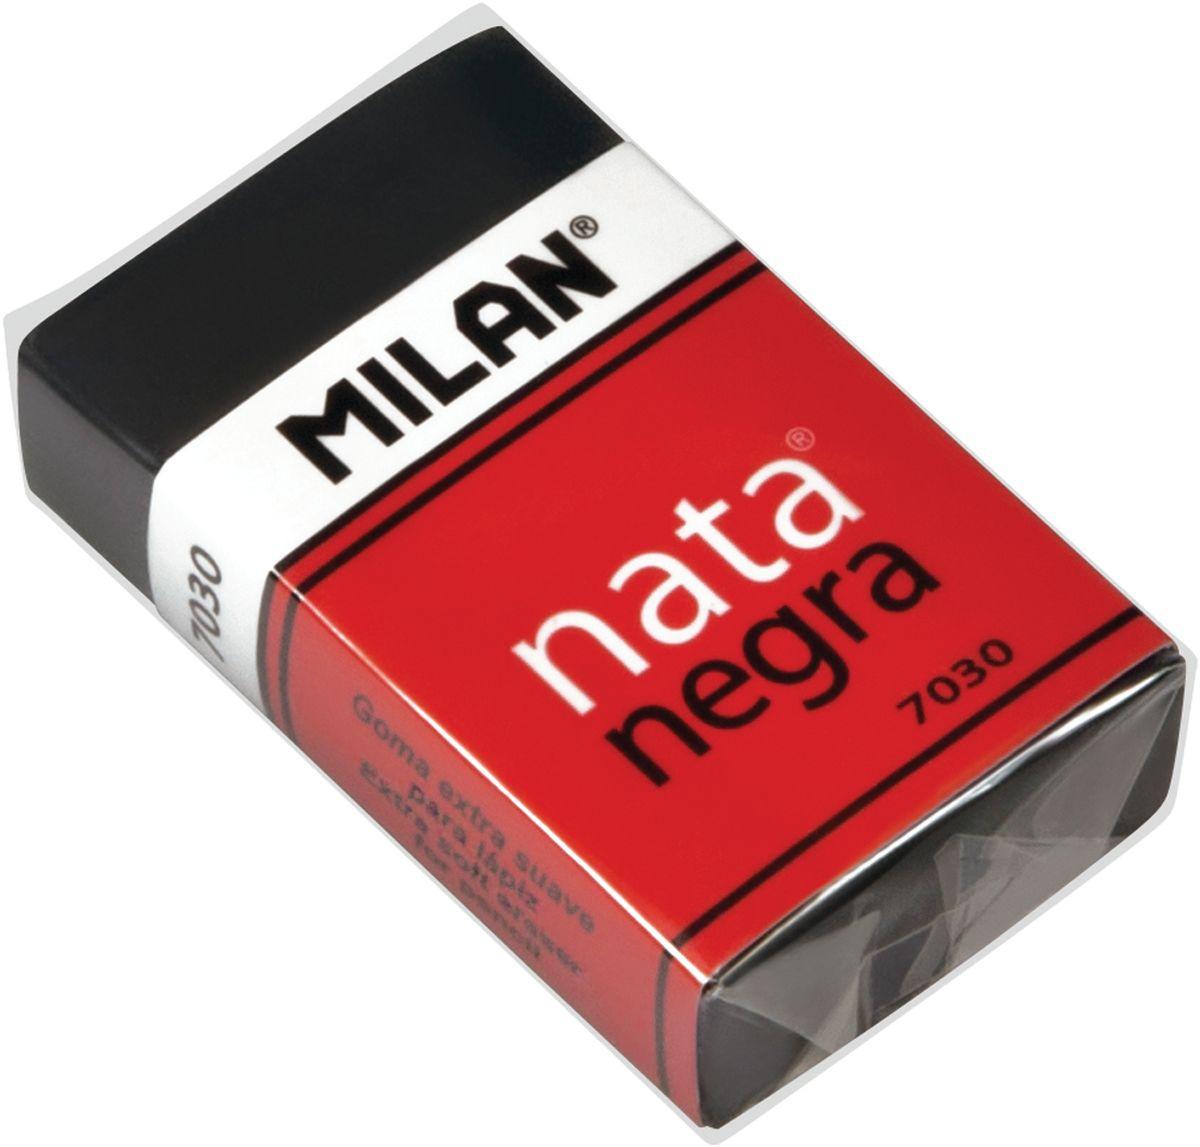 Milan Ластик Nata Negra 7030 прямоугольный34650_желтый, зеленыйЛастик Milan Nata Negra 7030 - это мягкий резиновый ластик черного цвета. Подходит для удаления штрихов от большинства графитовых карандашей на всех видах поверхностей.